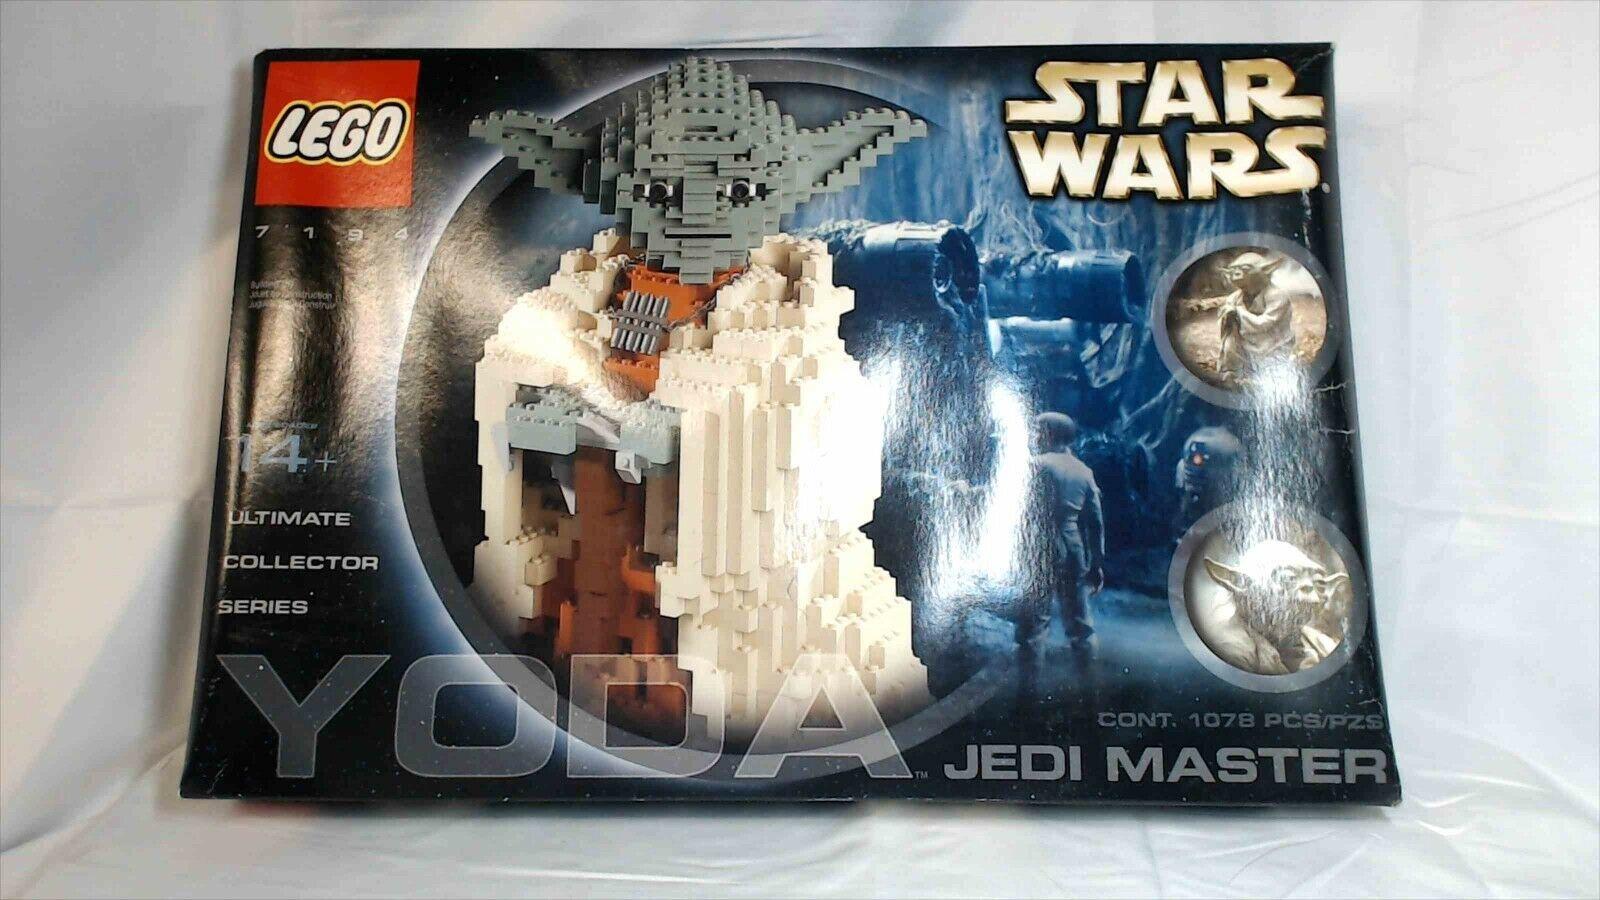 Lego estrella guerras YODA 7194 Ultimate Collector Unopened Water  Damaged scatola OACM09  promozioni eccitanti